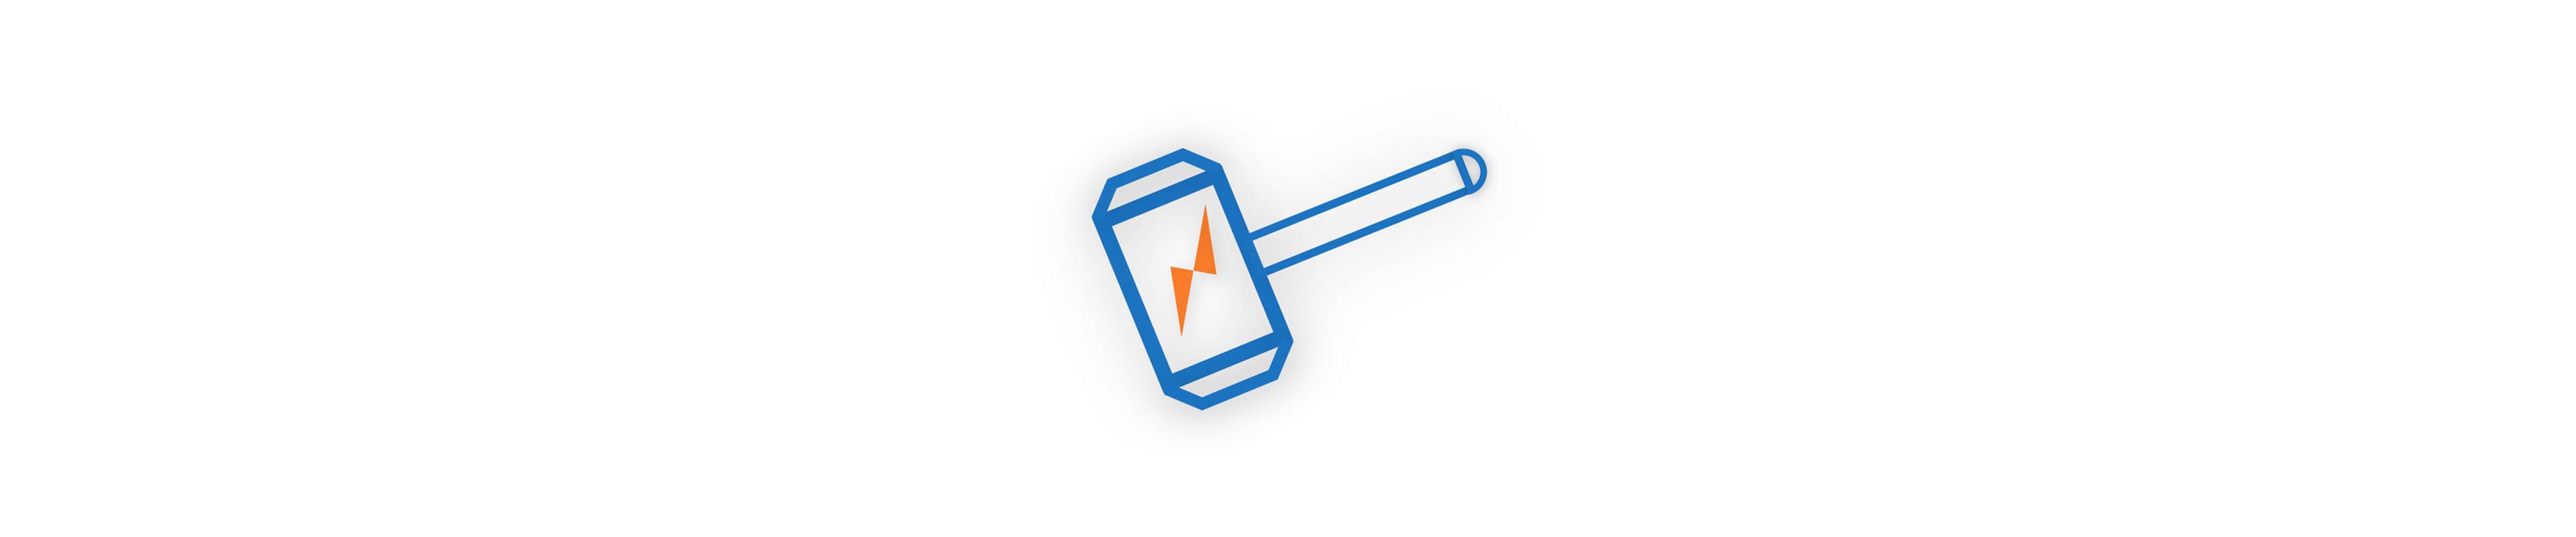 [已购]Thor HTTP 抓包嗅探分析&接口调试&网络协议-草蜢资源